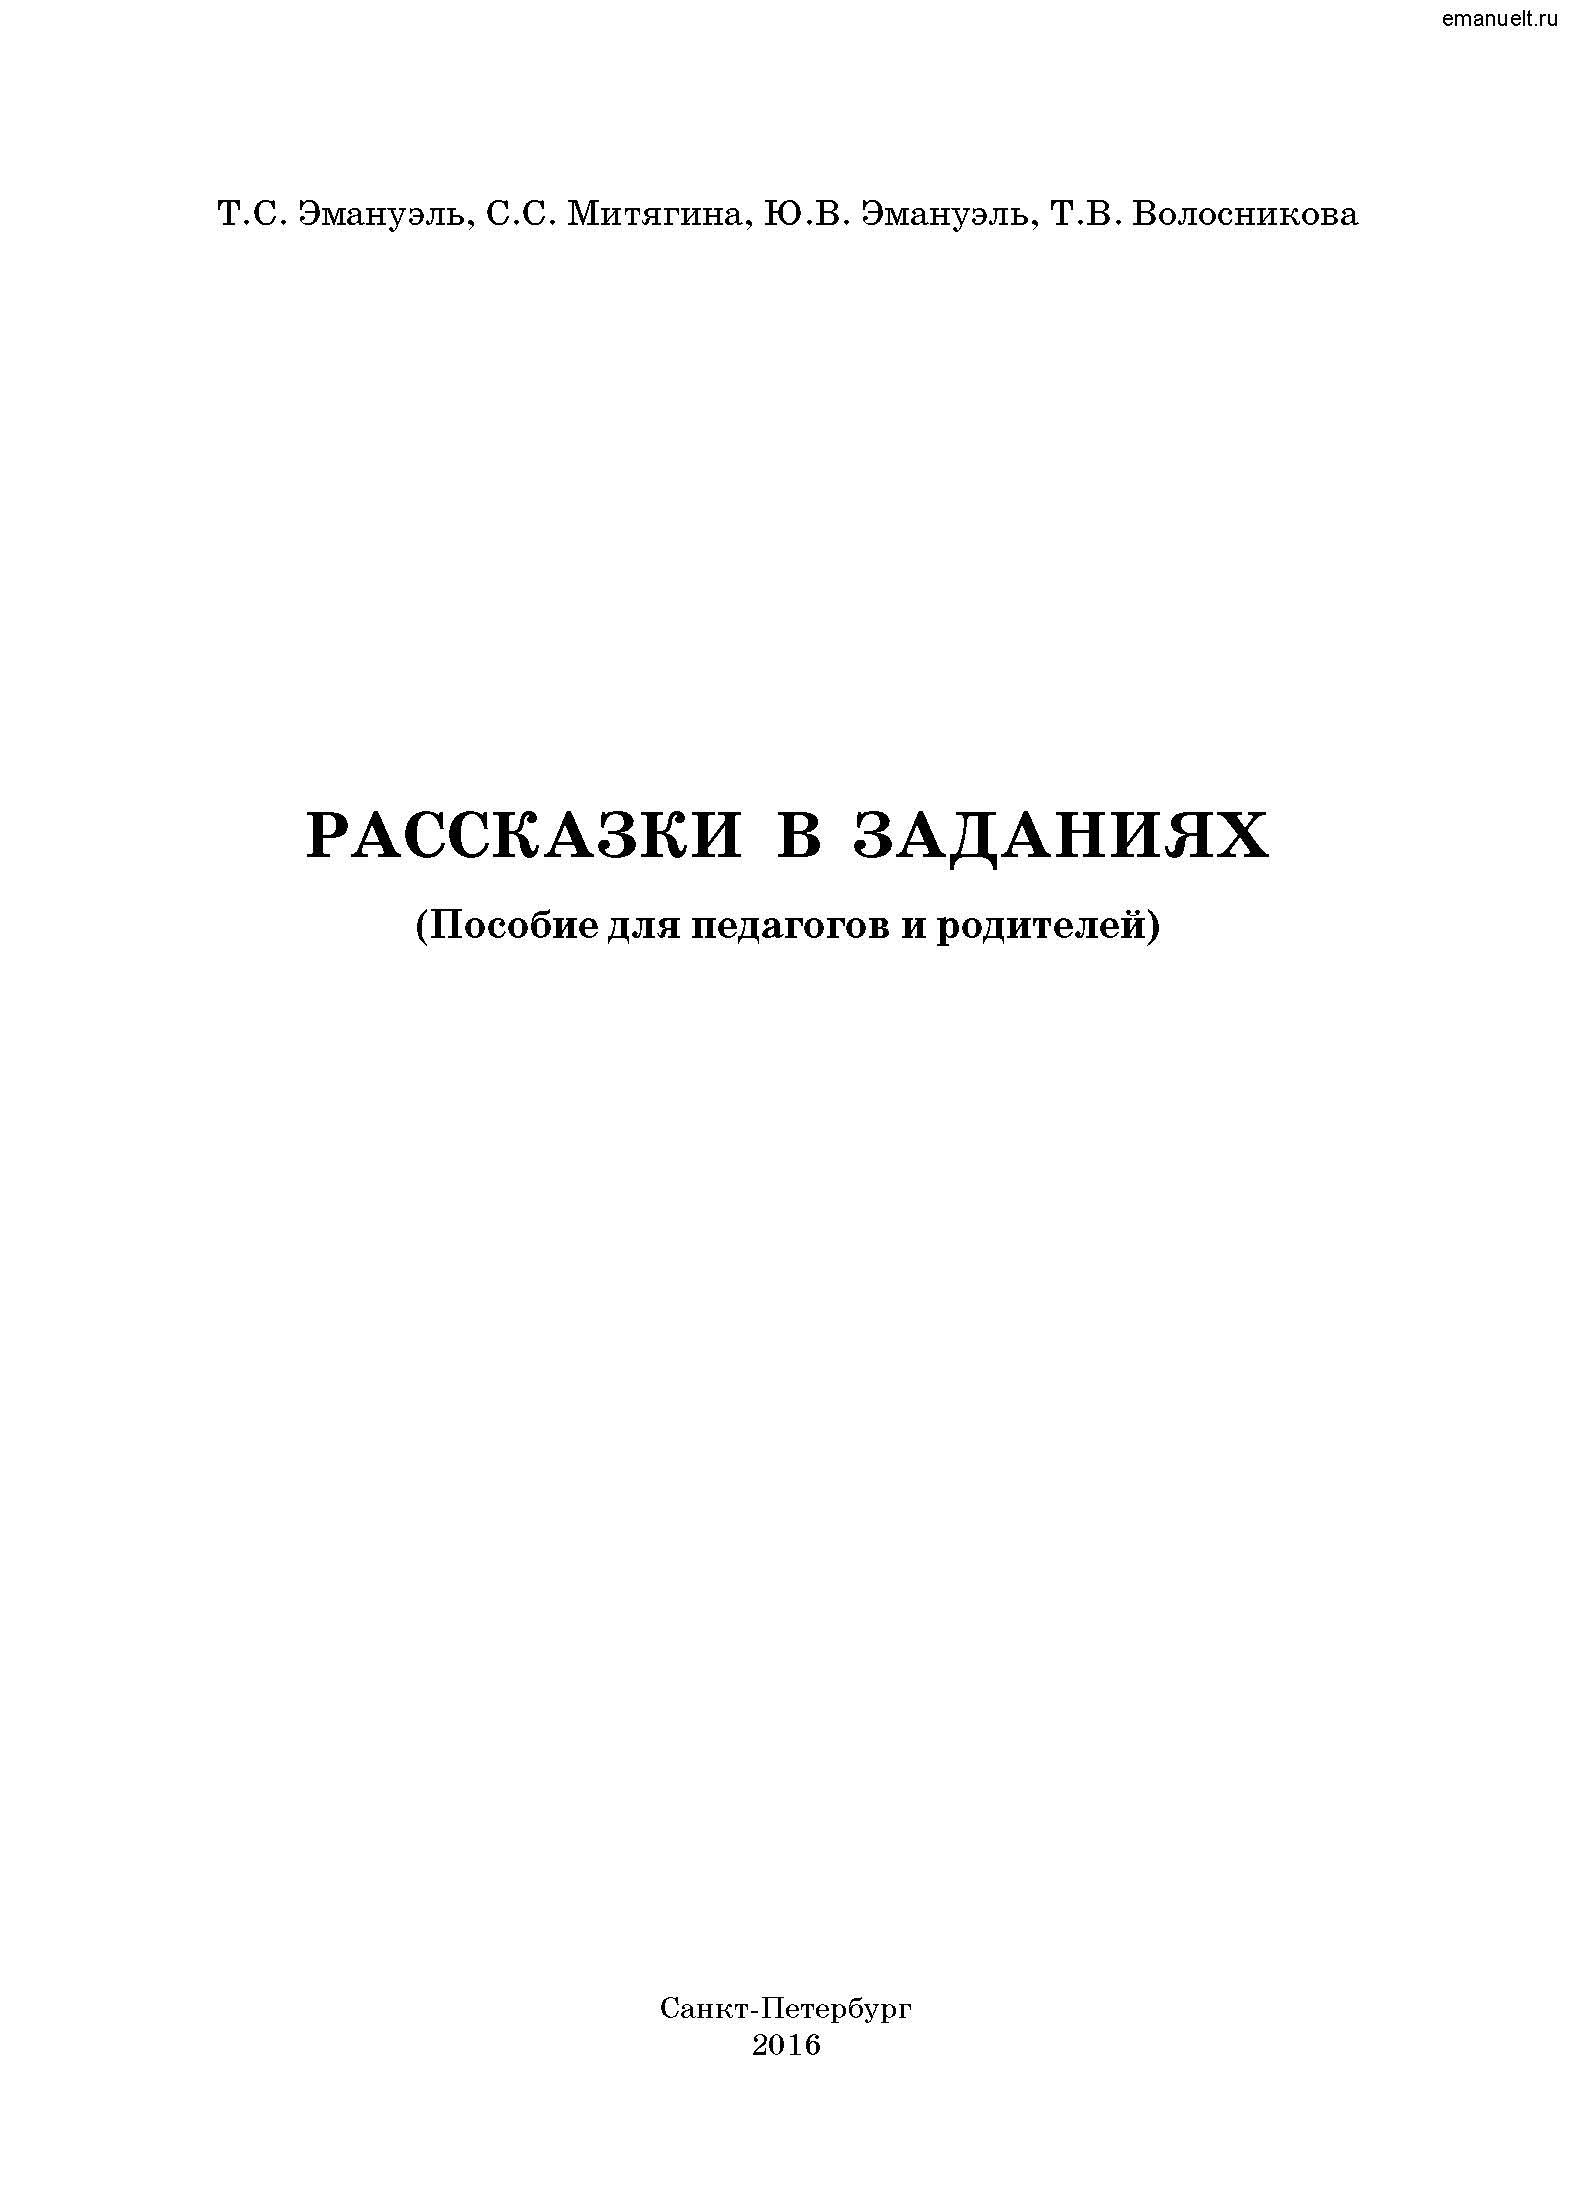 Рассказки в заданиях. emanuelt.ru_Страница_002